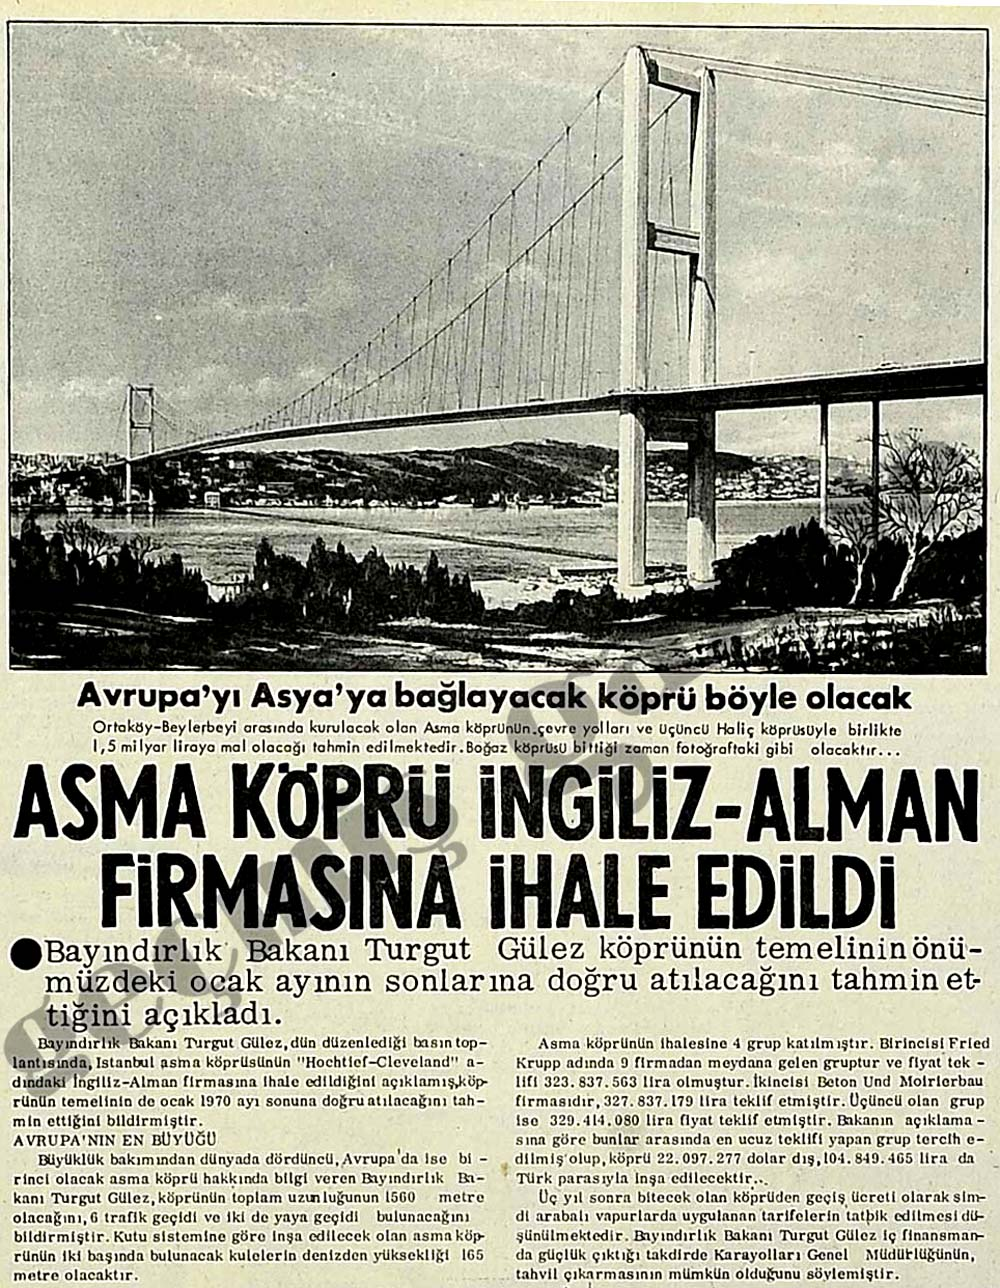 Asma Köprü İngiliz-Alman firmasına ihale edildi